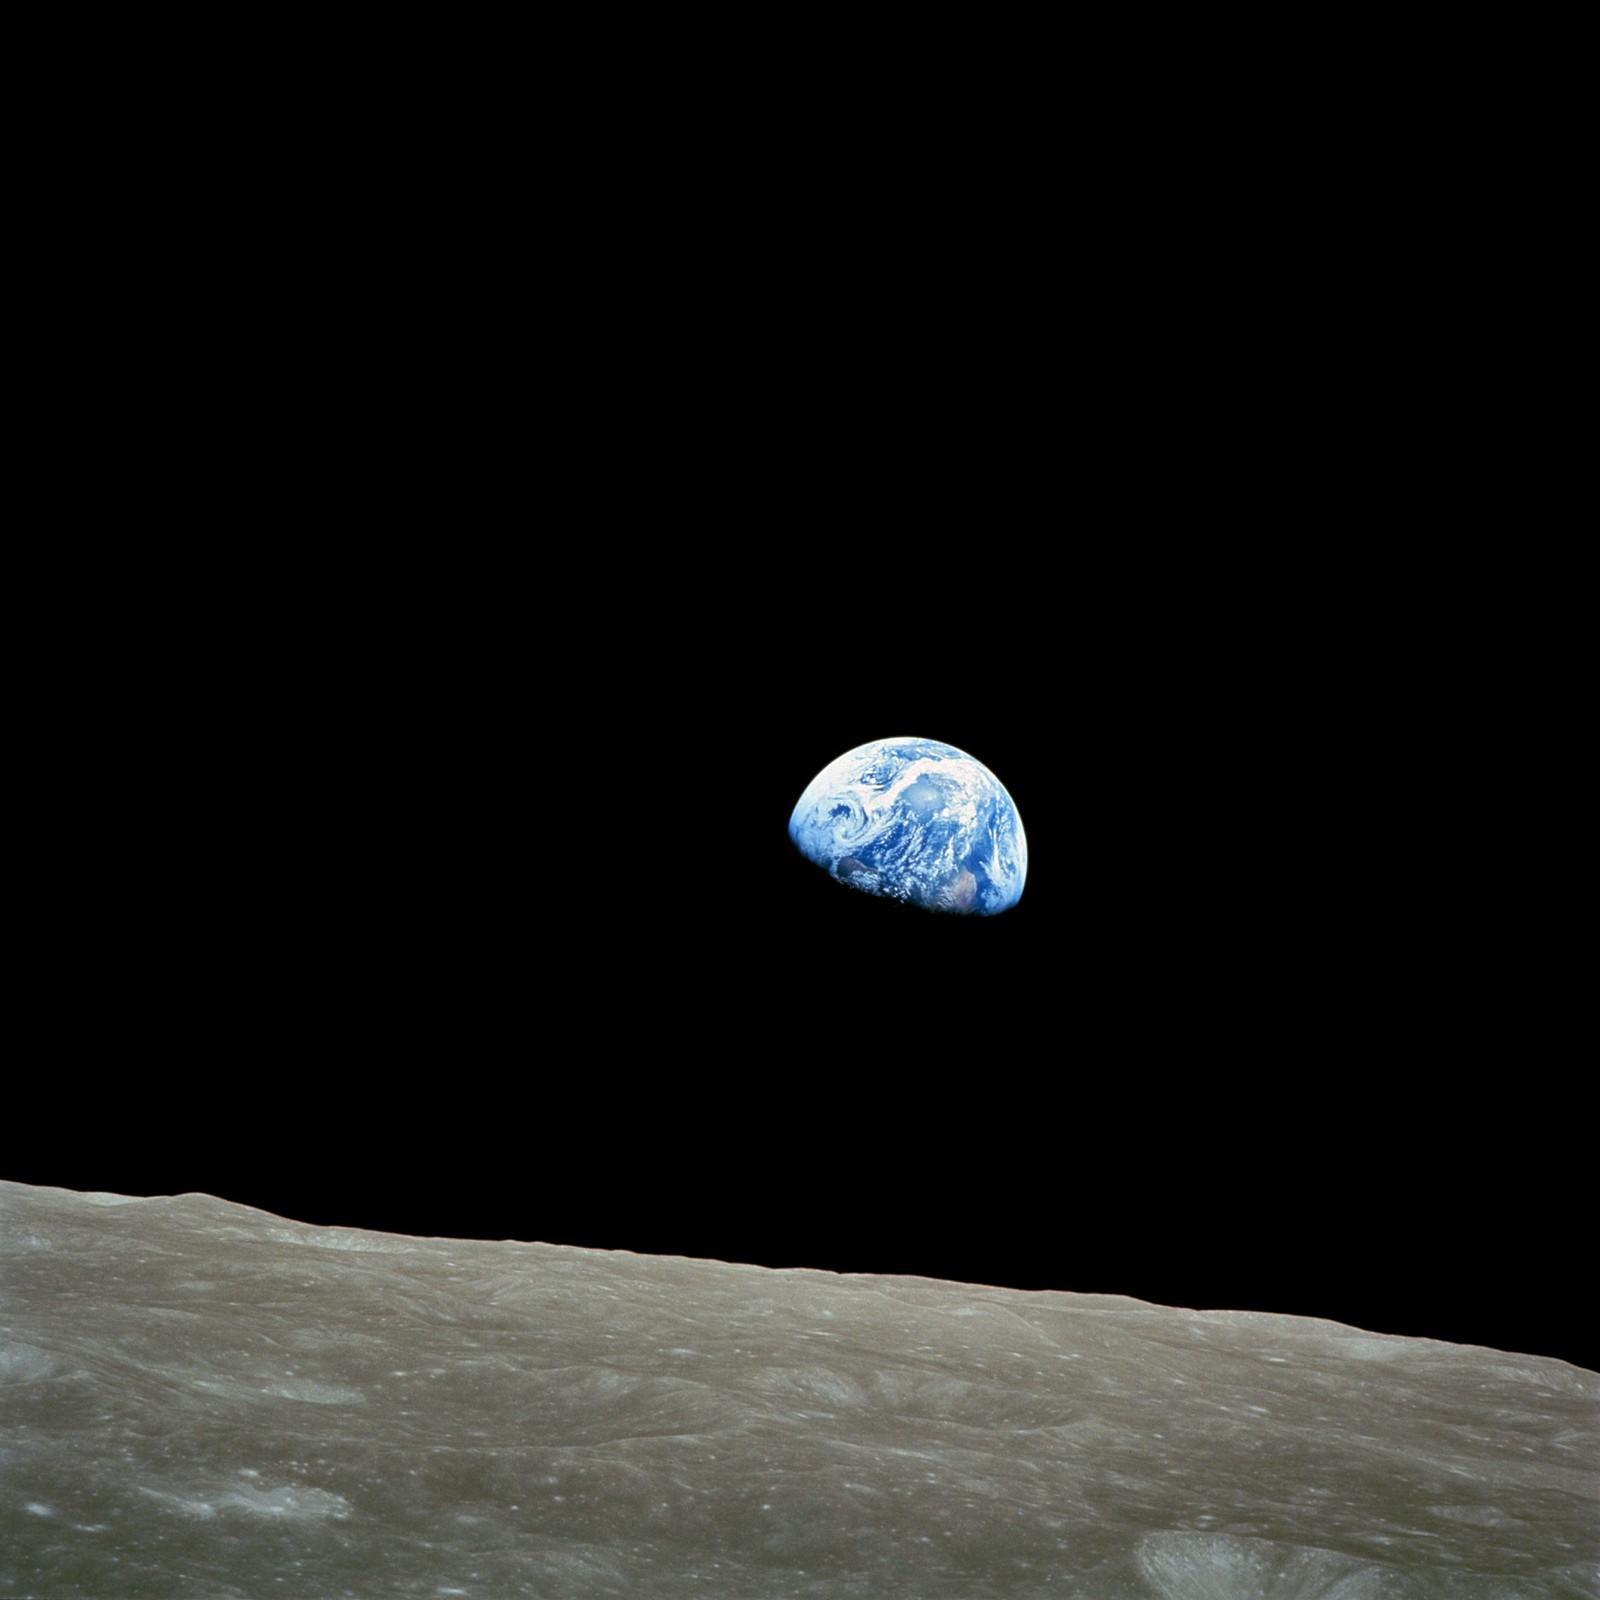 JORDOPPGANG: Astronaut William Anders tar dette bildet av jordkloden, sett fra månen på Apollo 8-ferden den 21. desember i 1968.